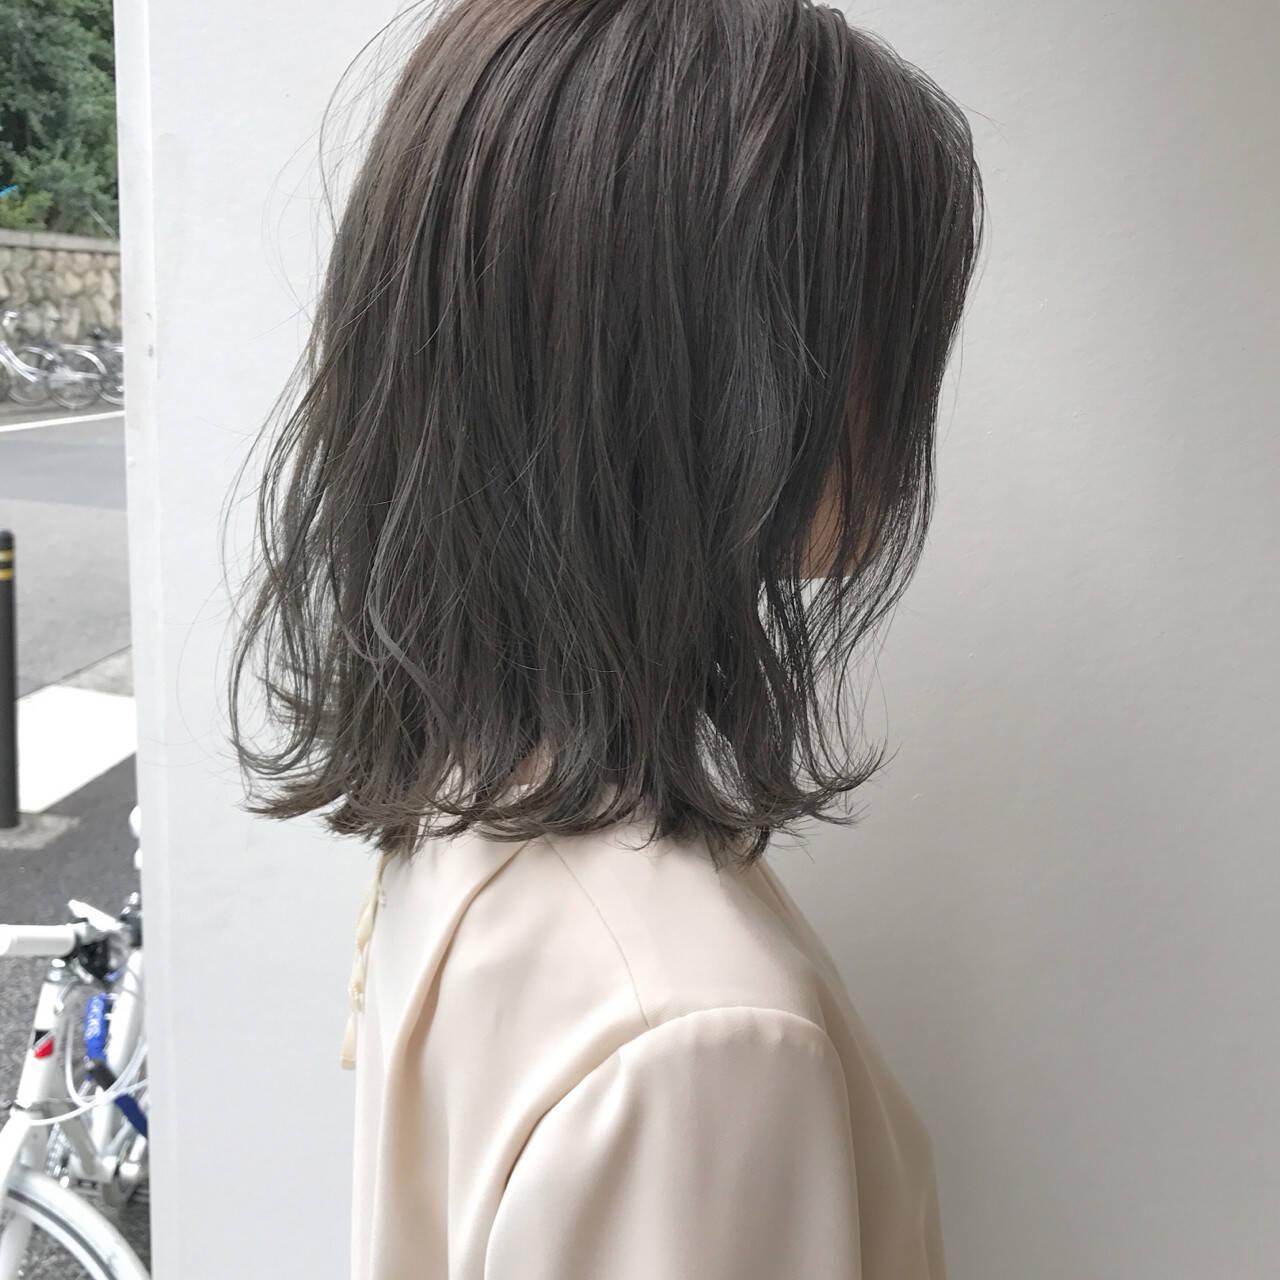 切りっぱなし 透明感 ハイライト ロブヘアスタイルや髪型の写真・画像